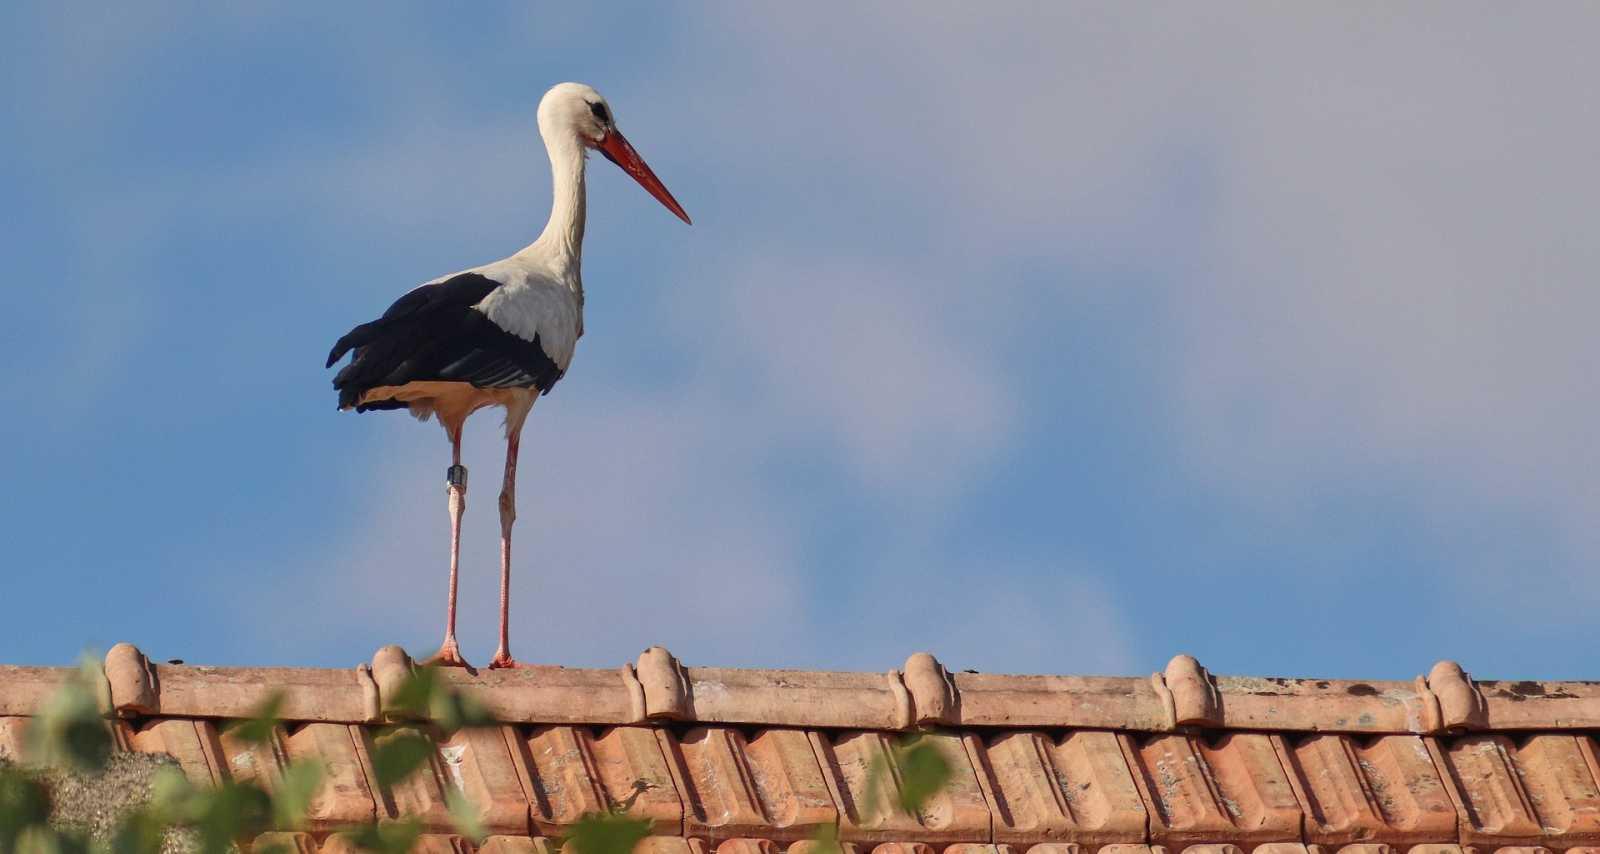 Animales y medio ambiente - Cigüeñas perdidas - 07/03/21 - Escuchar ahora